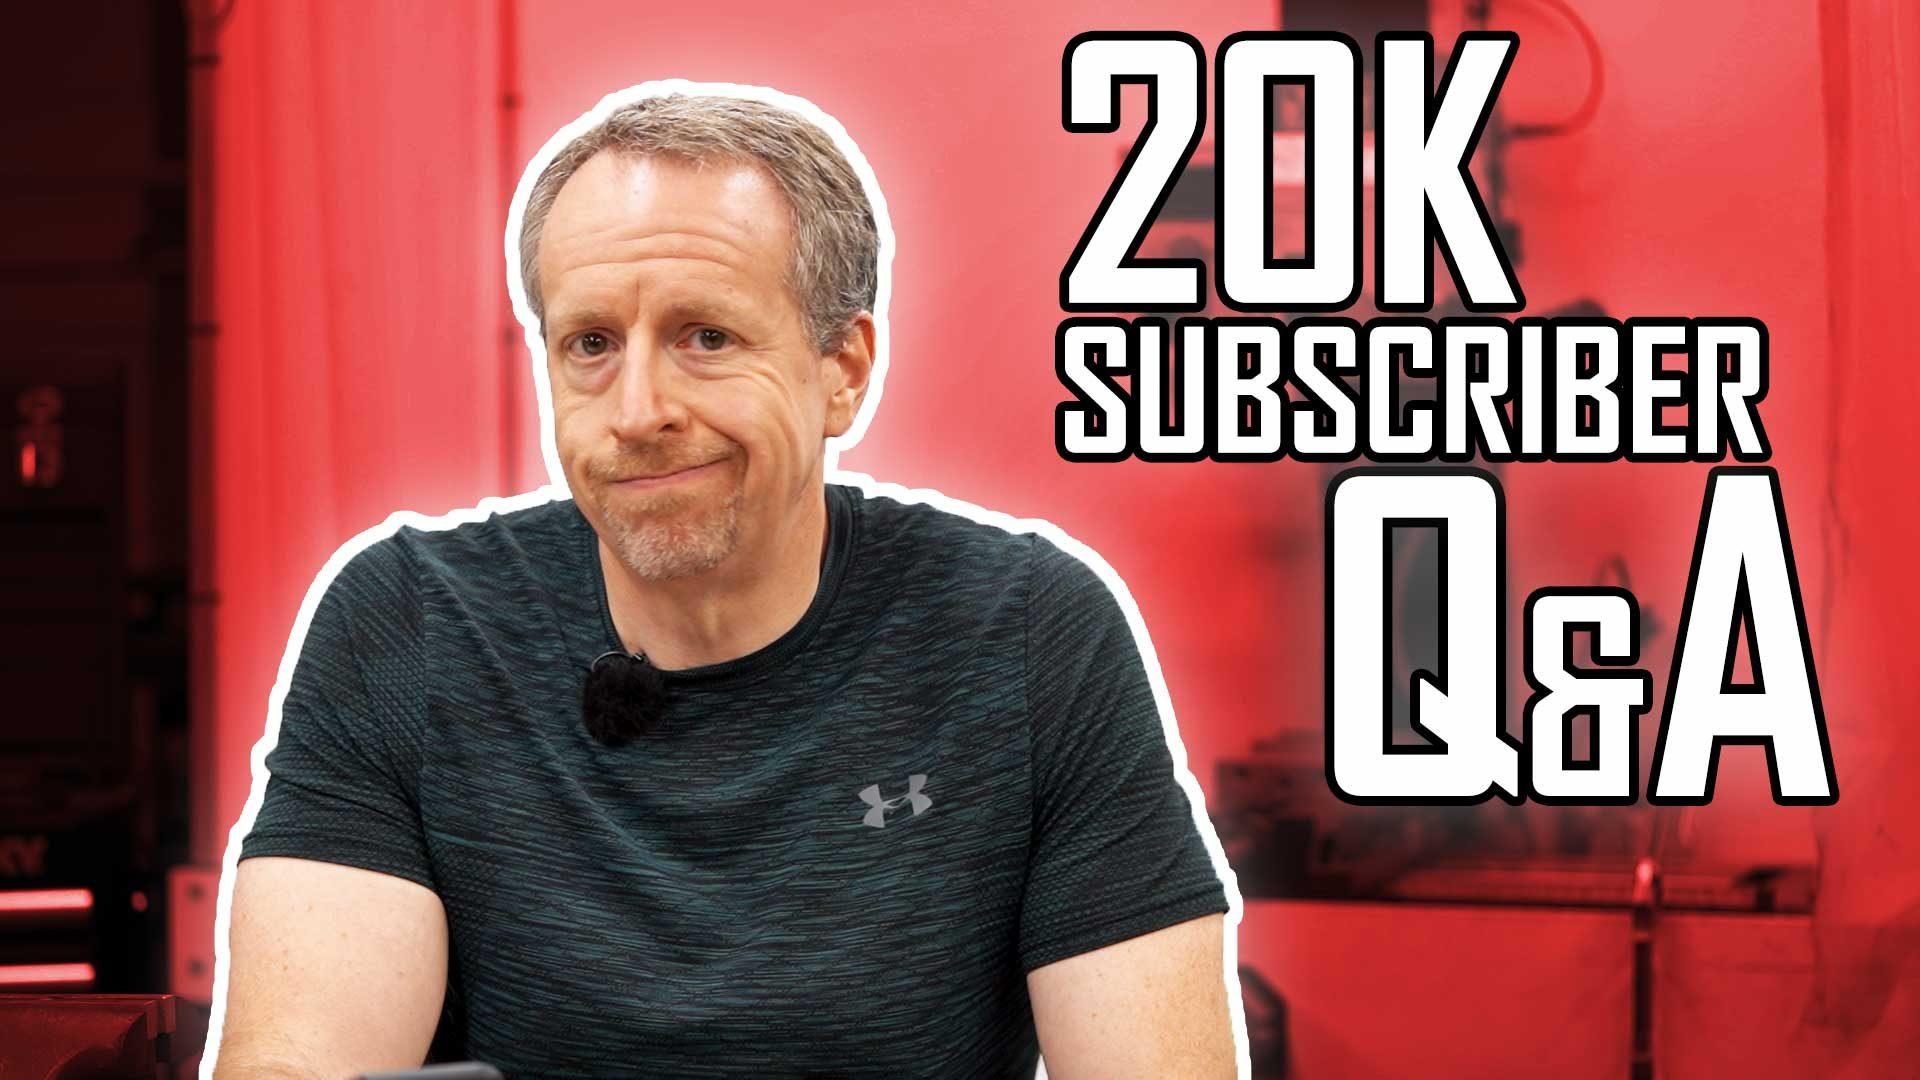 20,000 Subscriber Q&A Extravaganza